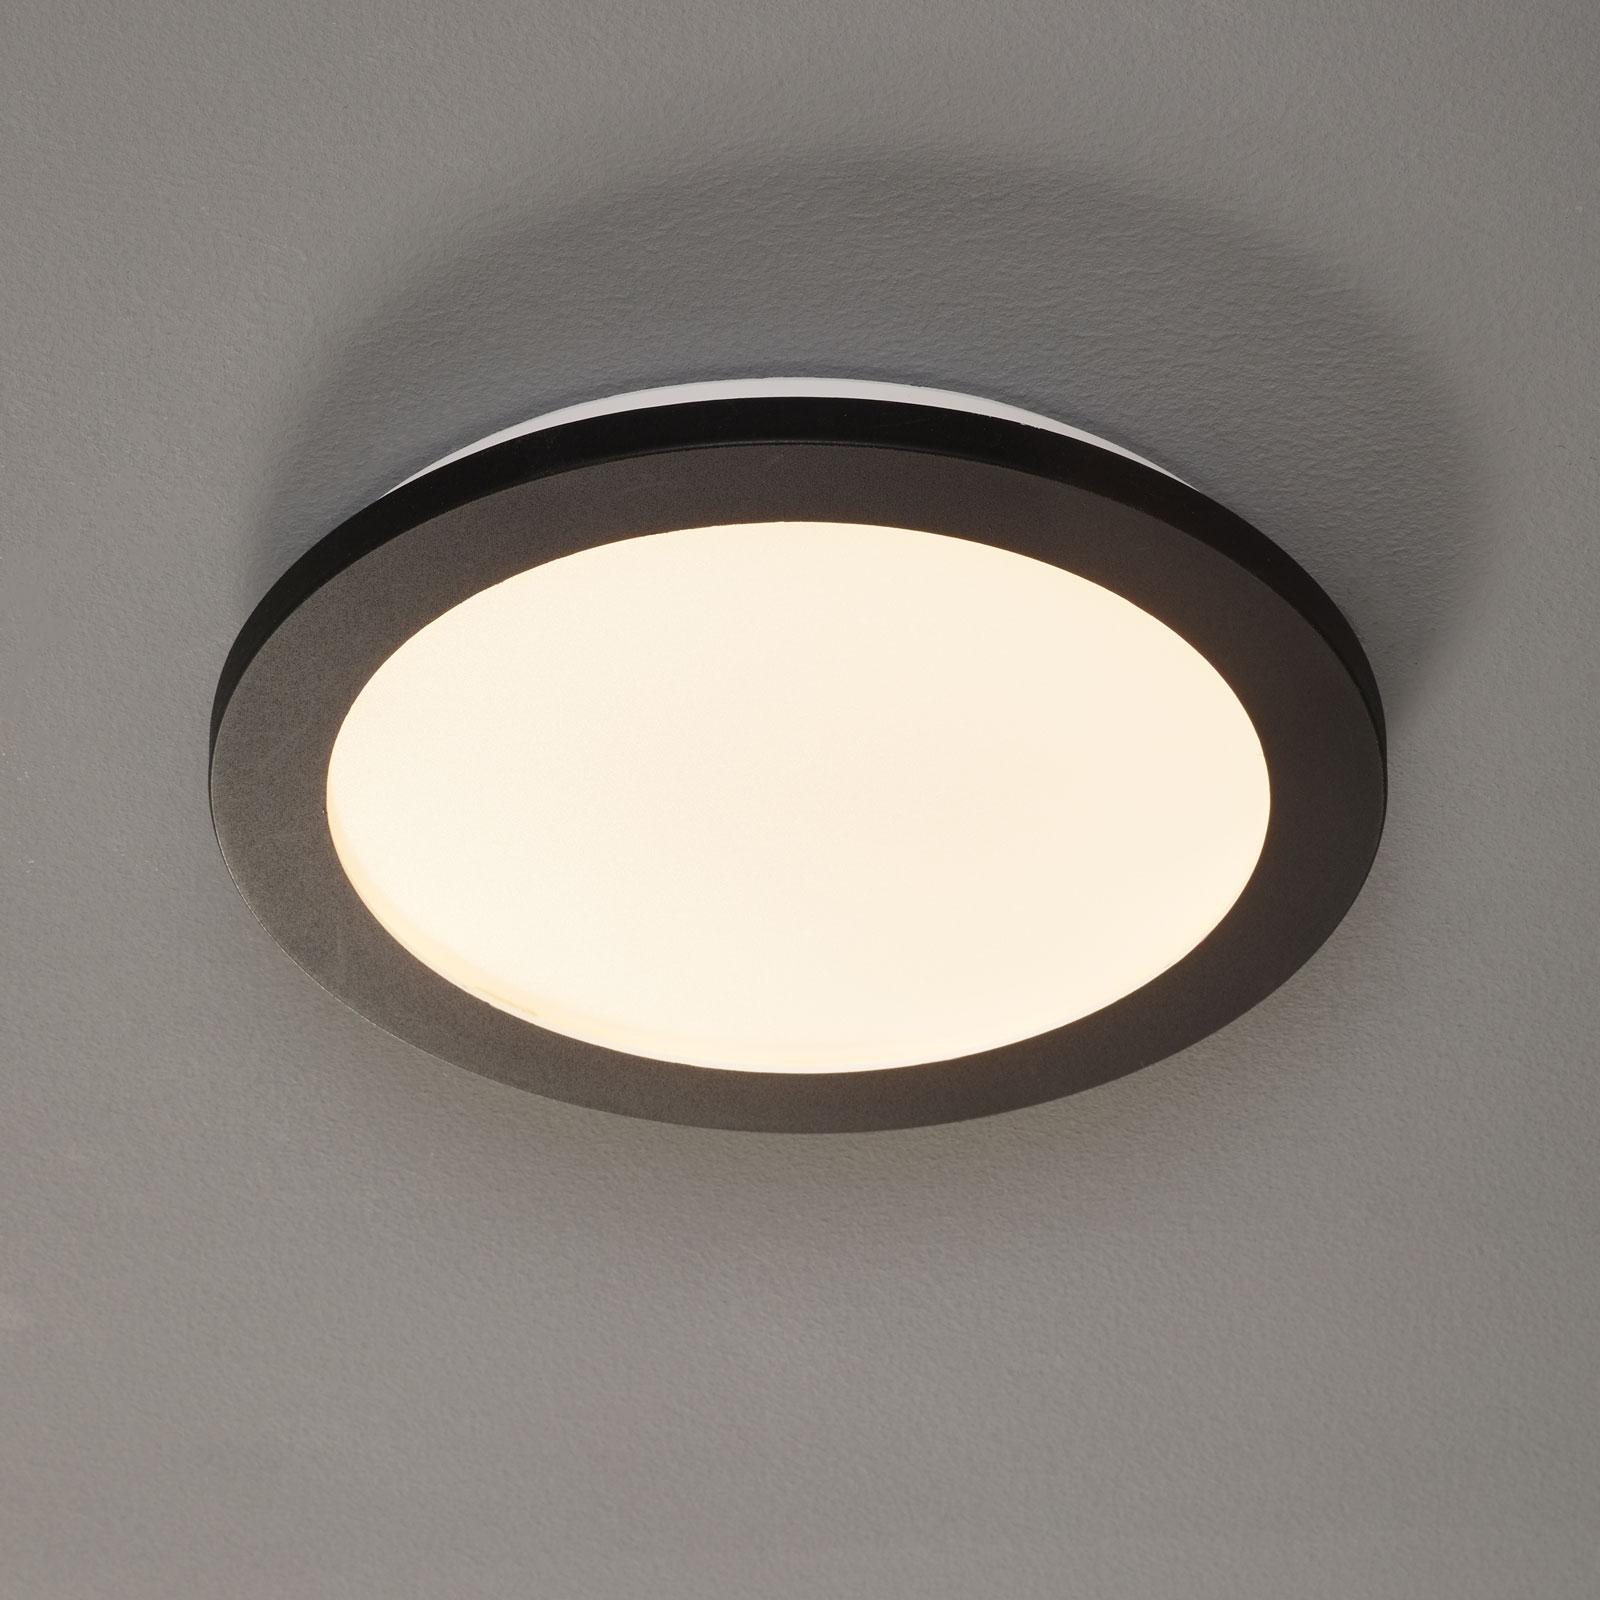 LED stropní světlo Camillus, kulaté, Ø 26 cm